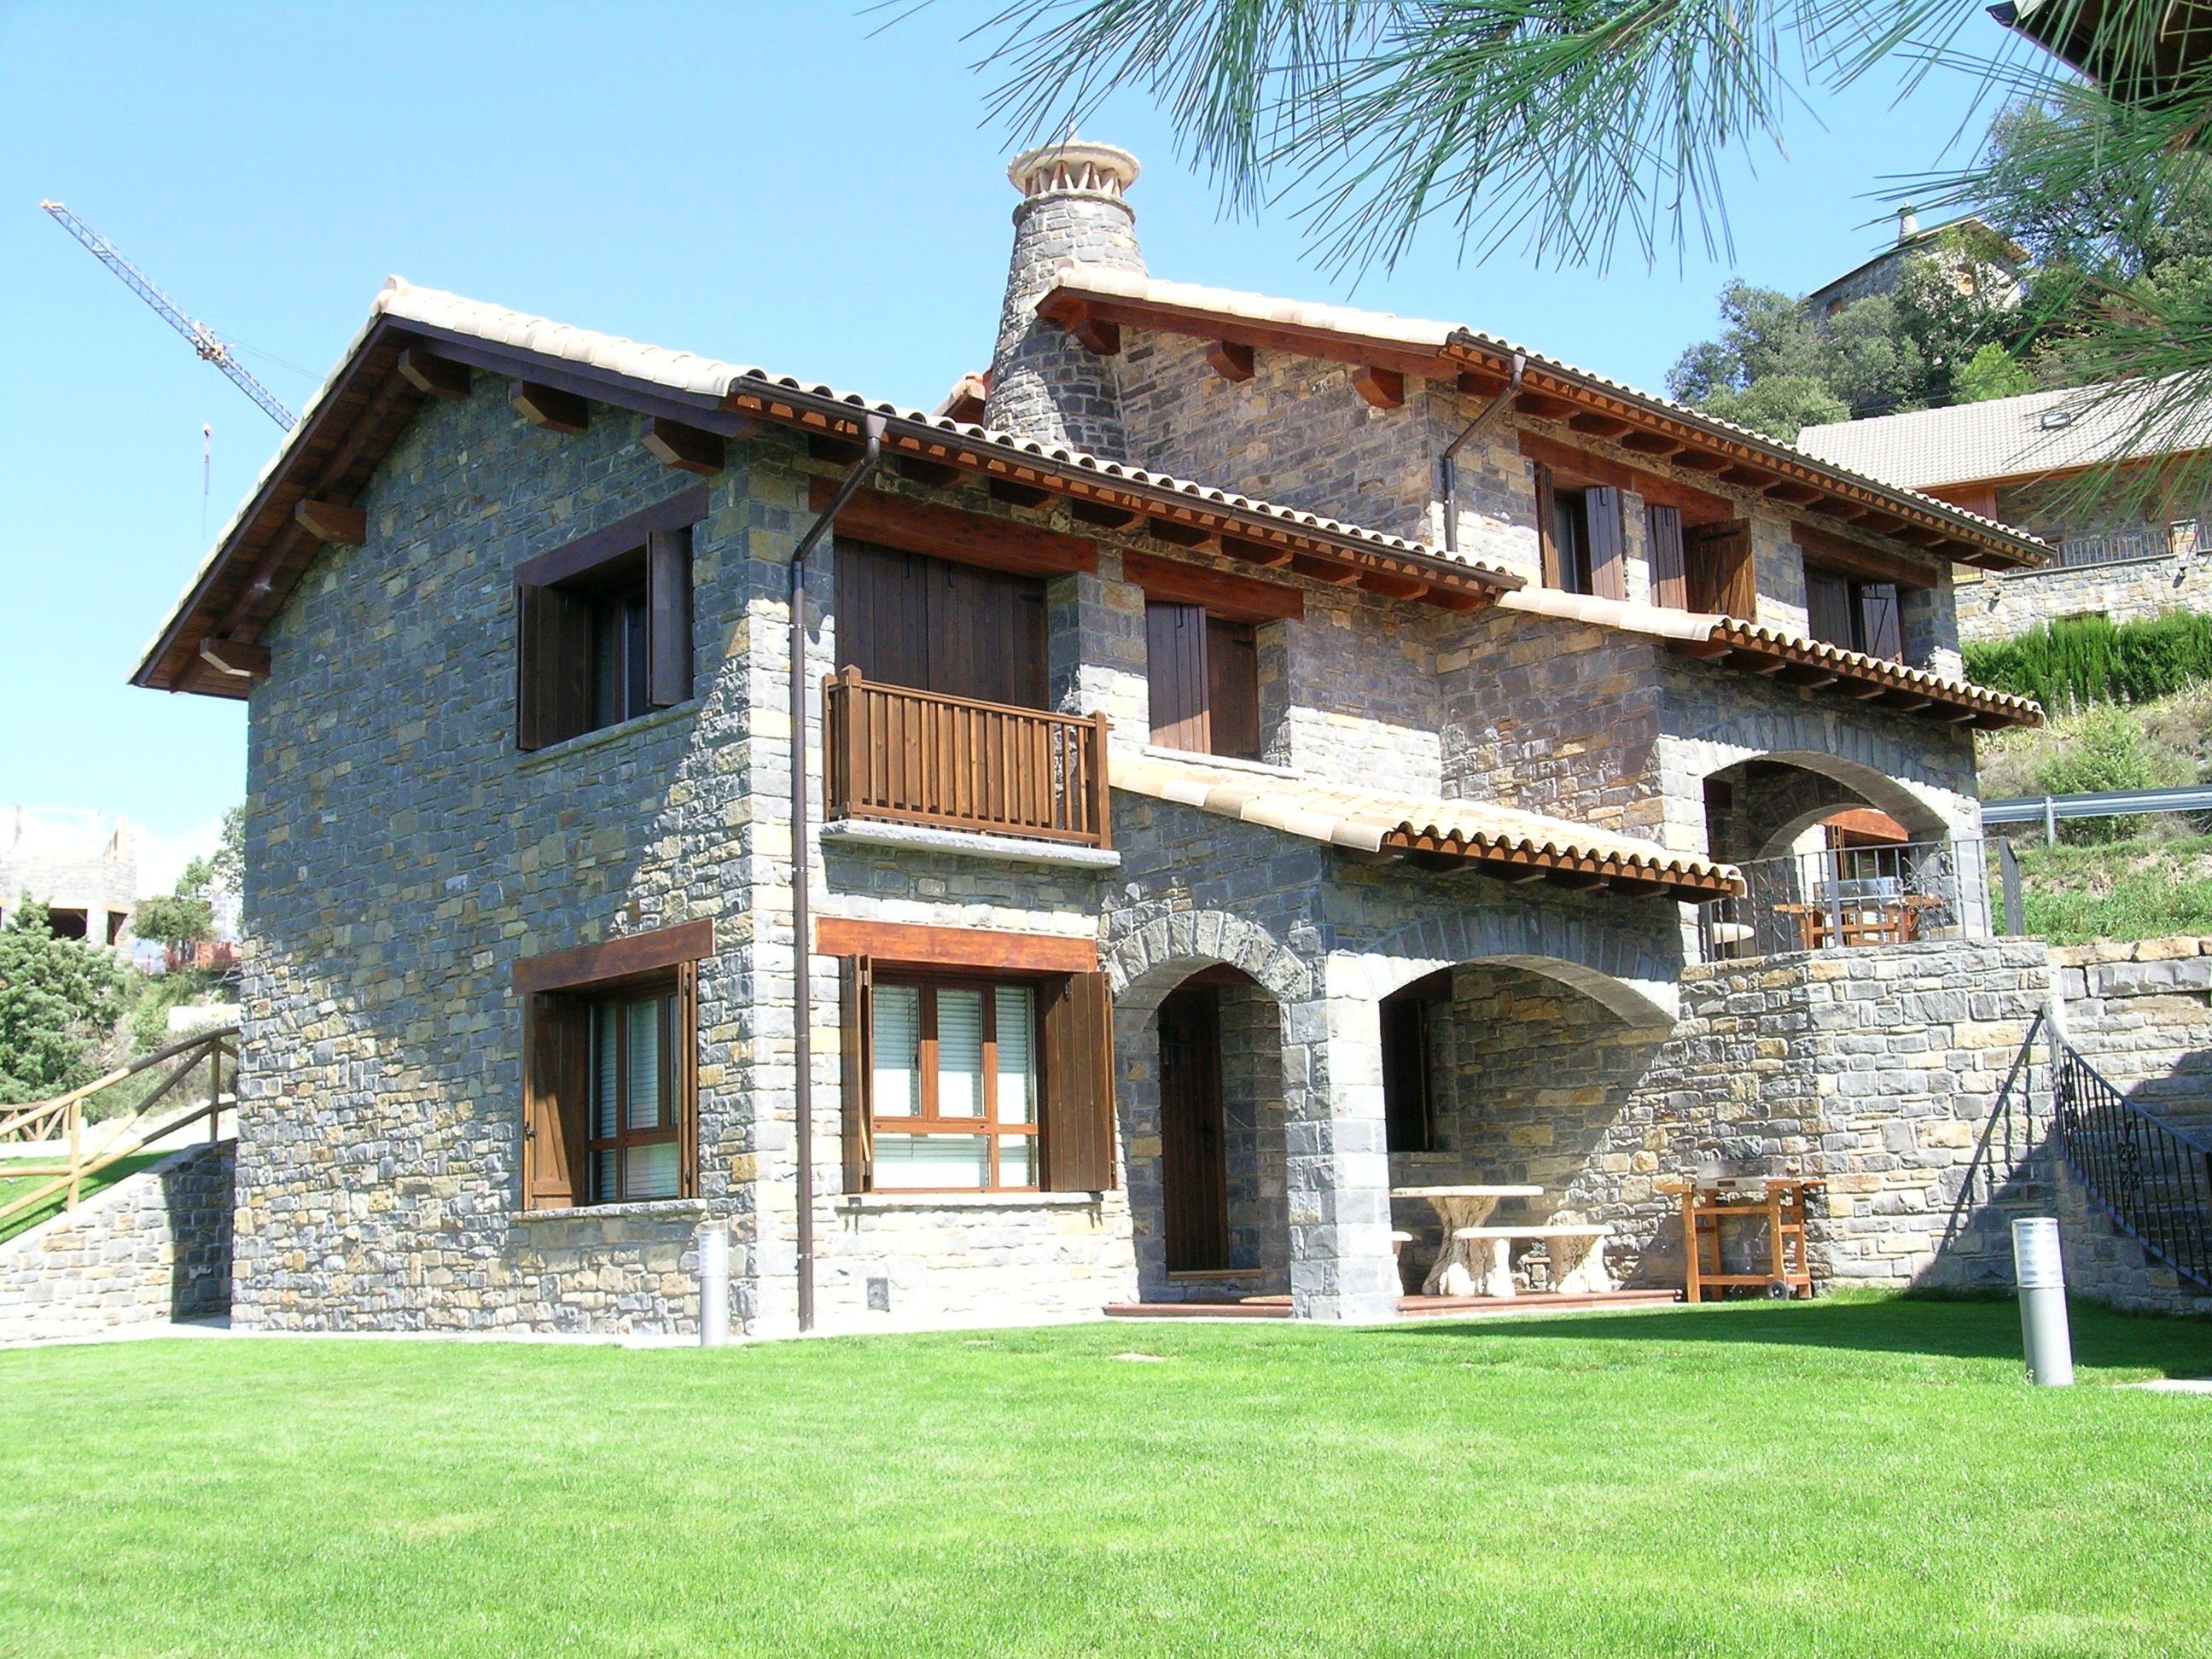 Casas rurales en los pirineos huesca parque nacional de ordesa y monte perdido pyrenees - Casa rural huesca jacuzzi ...